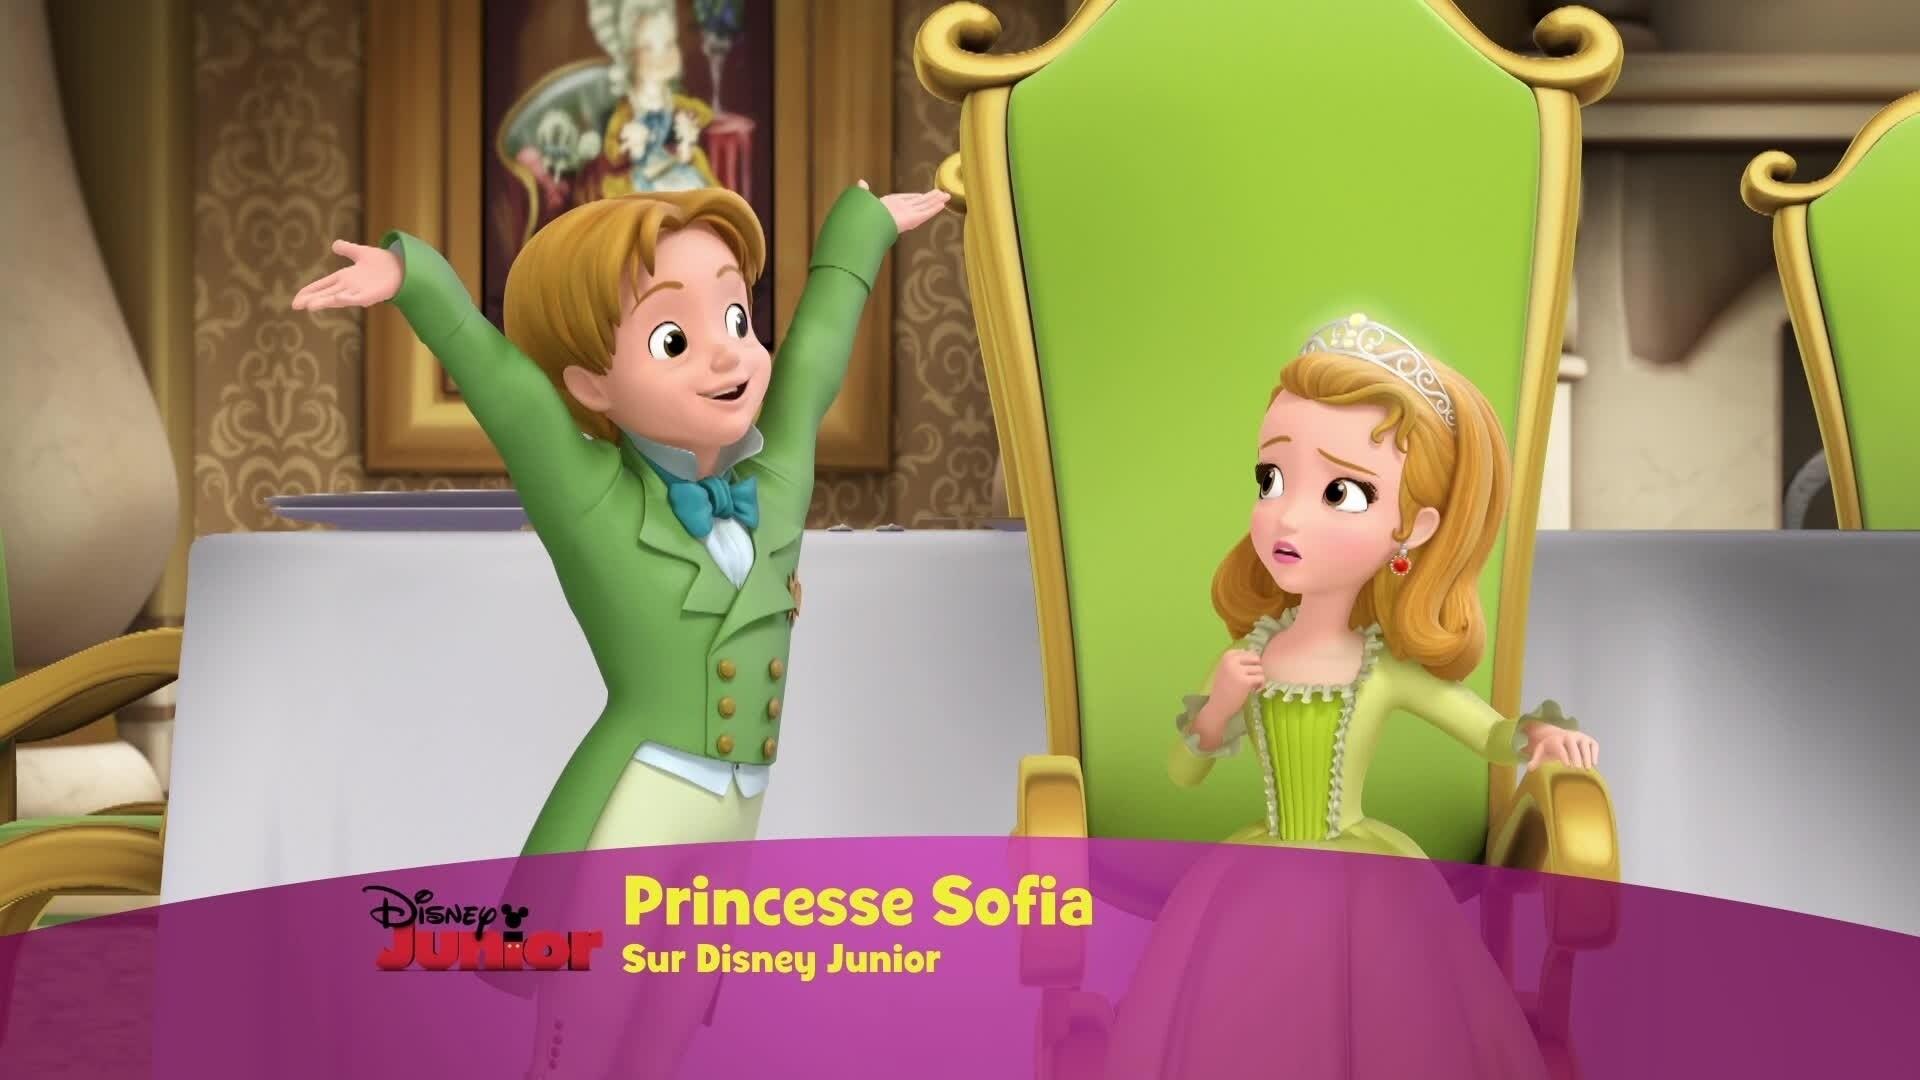 Princesse Sofia - Chanson : Liés pour la vie